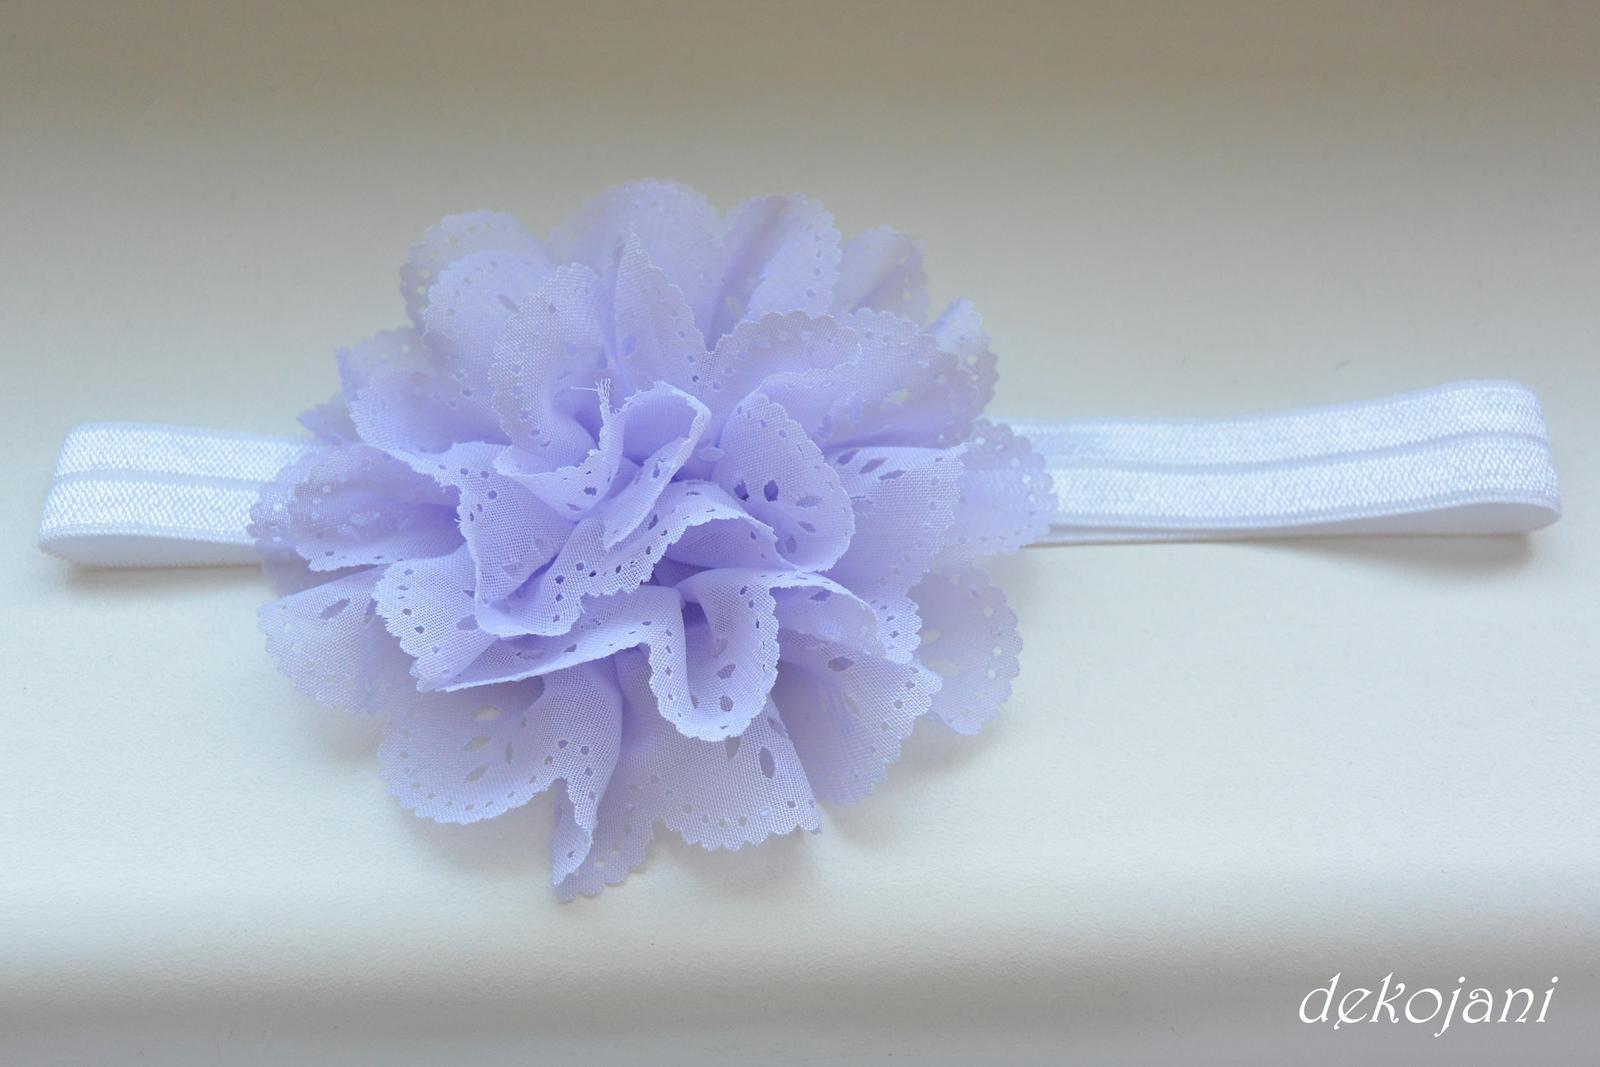 Čelenky, květiny do vlasů, náramky, obojek pro pejska... - Obrázek č. 77